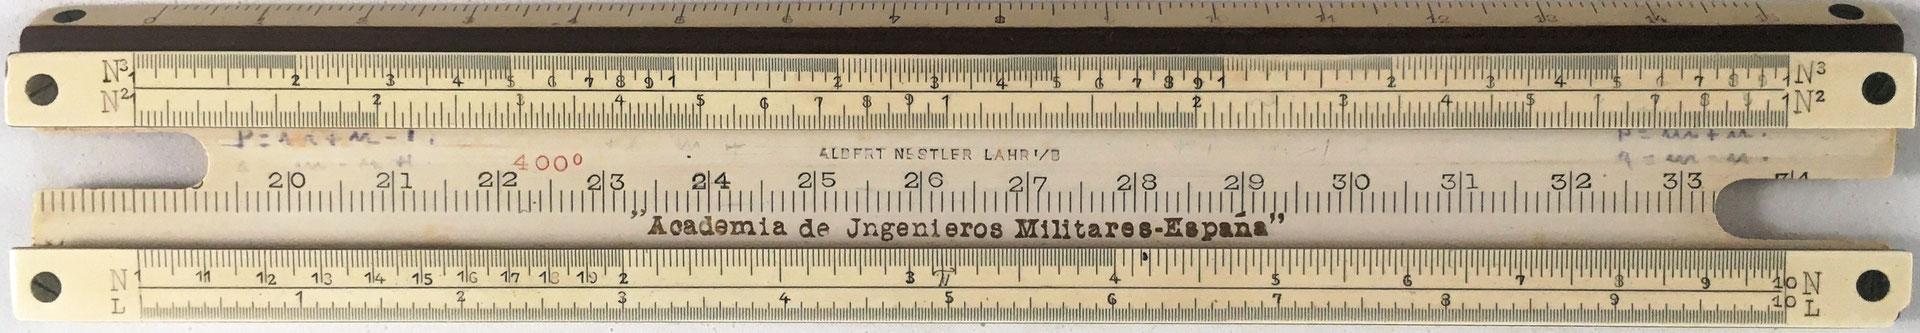 Regla para la Academia de Ingenieros Militares (España), encargada su fabricación a la casa alemana Nestler, año 1911